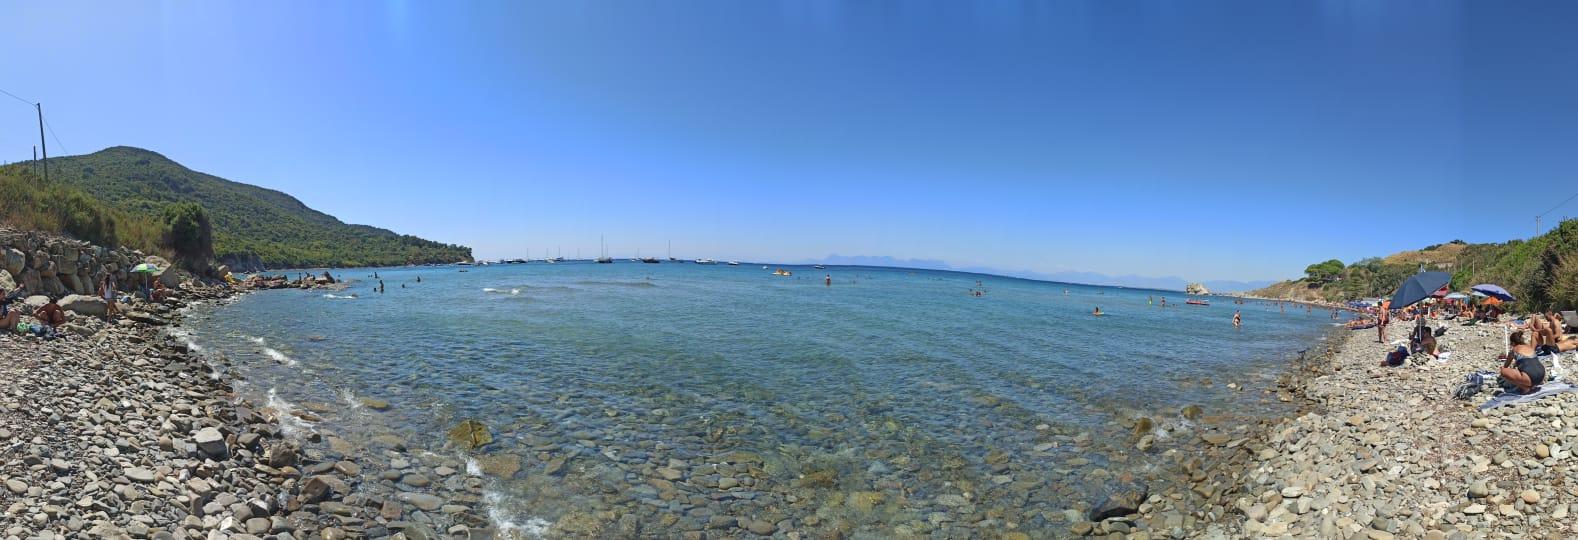 migliori spiagge cilento